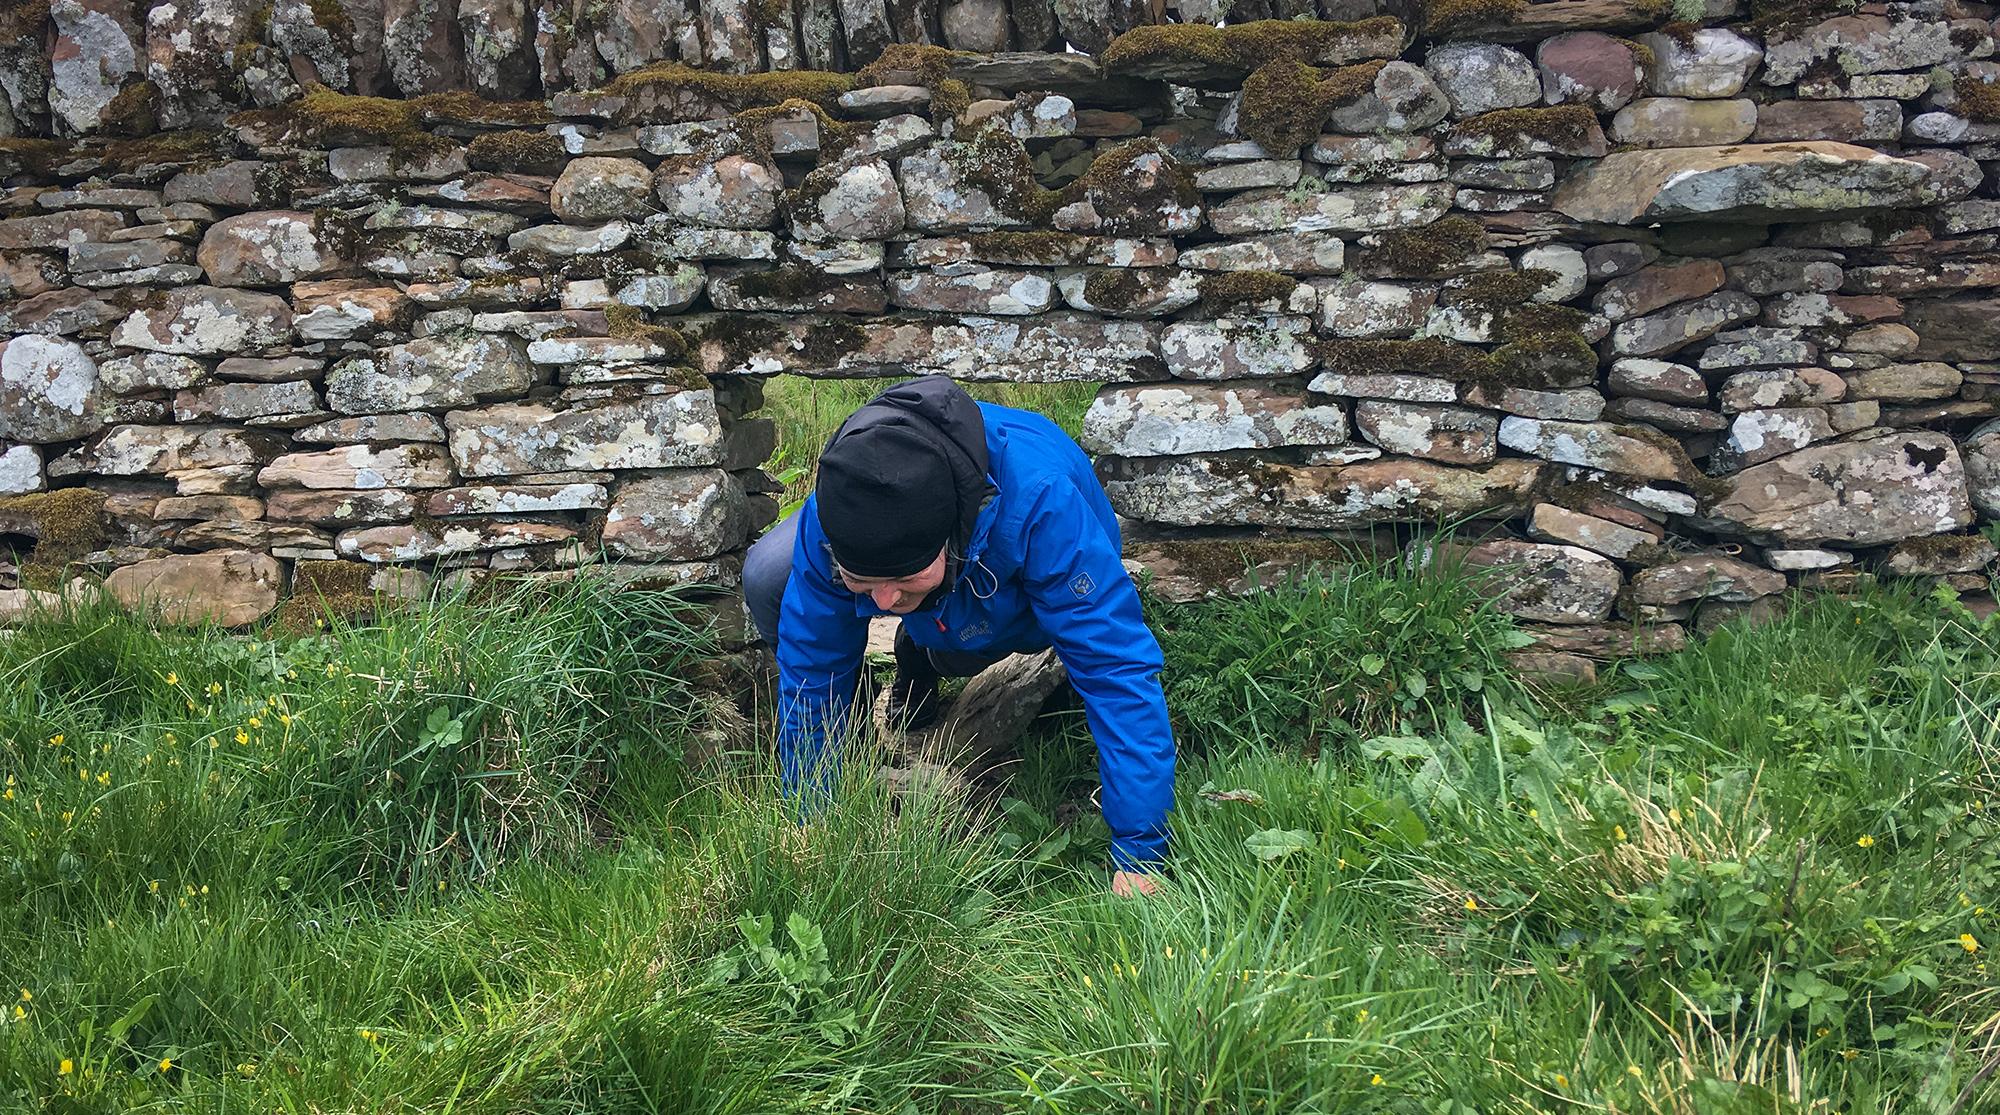 Frau krabblelt durch ein Loch in einer Steinmauer